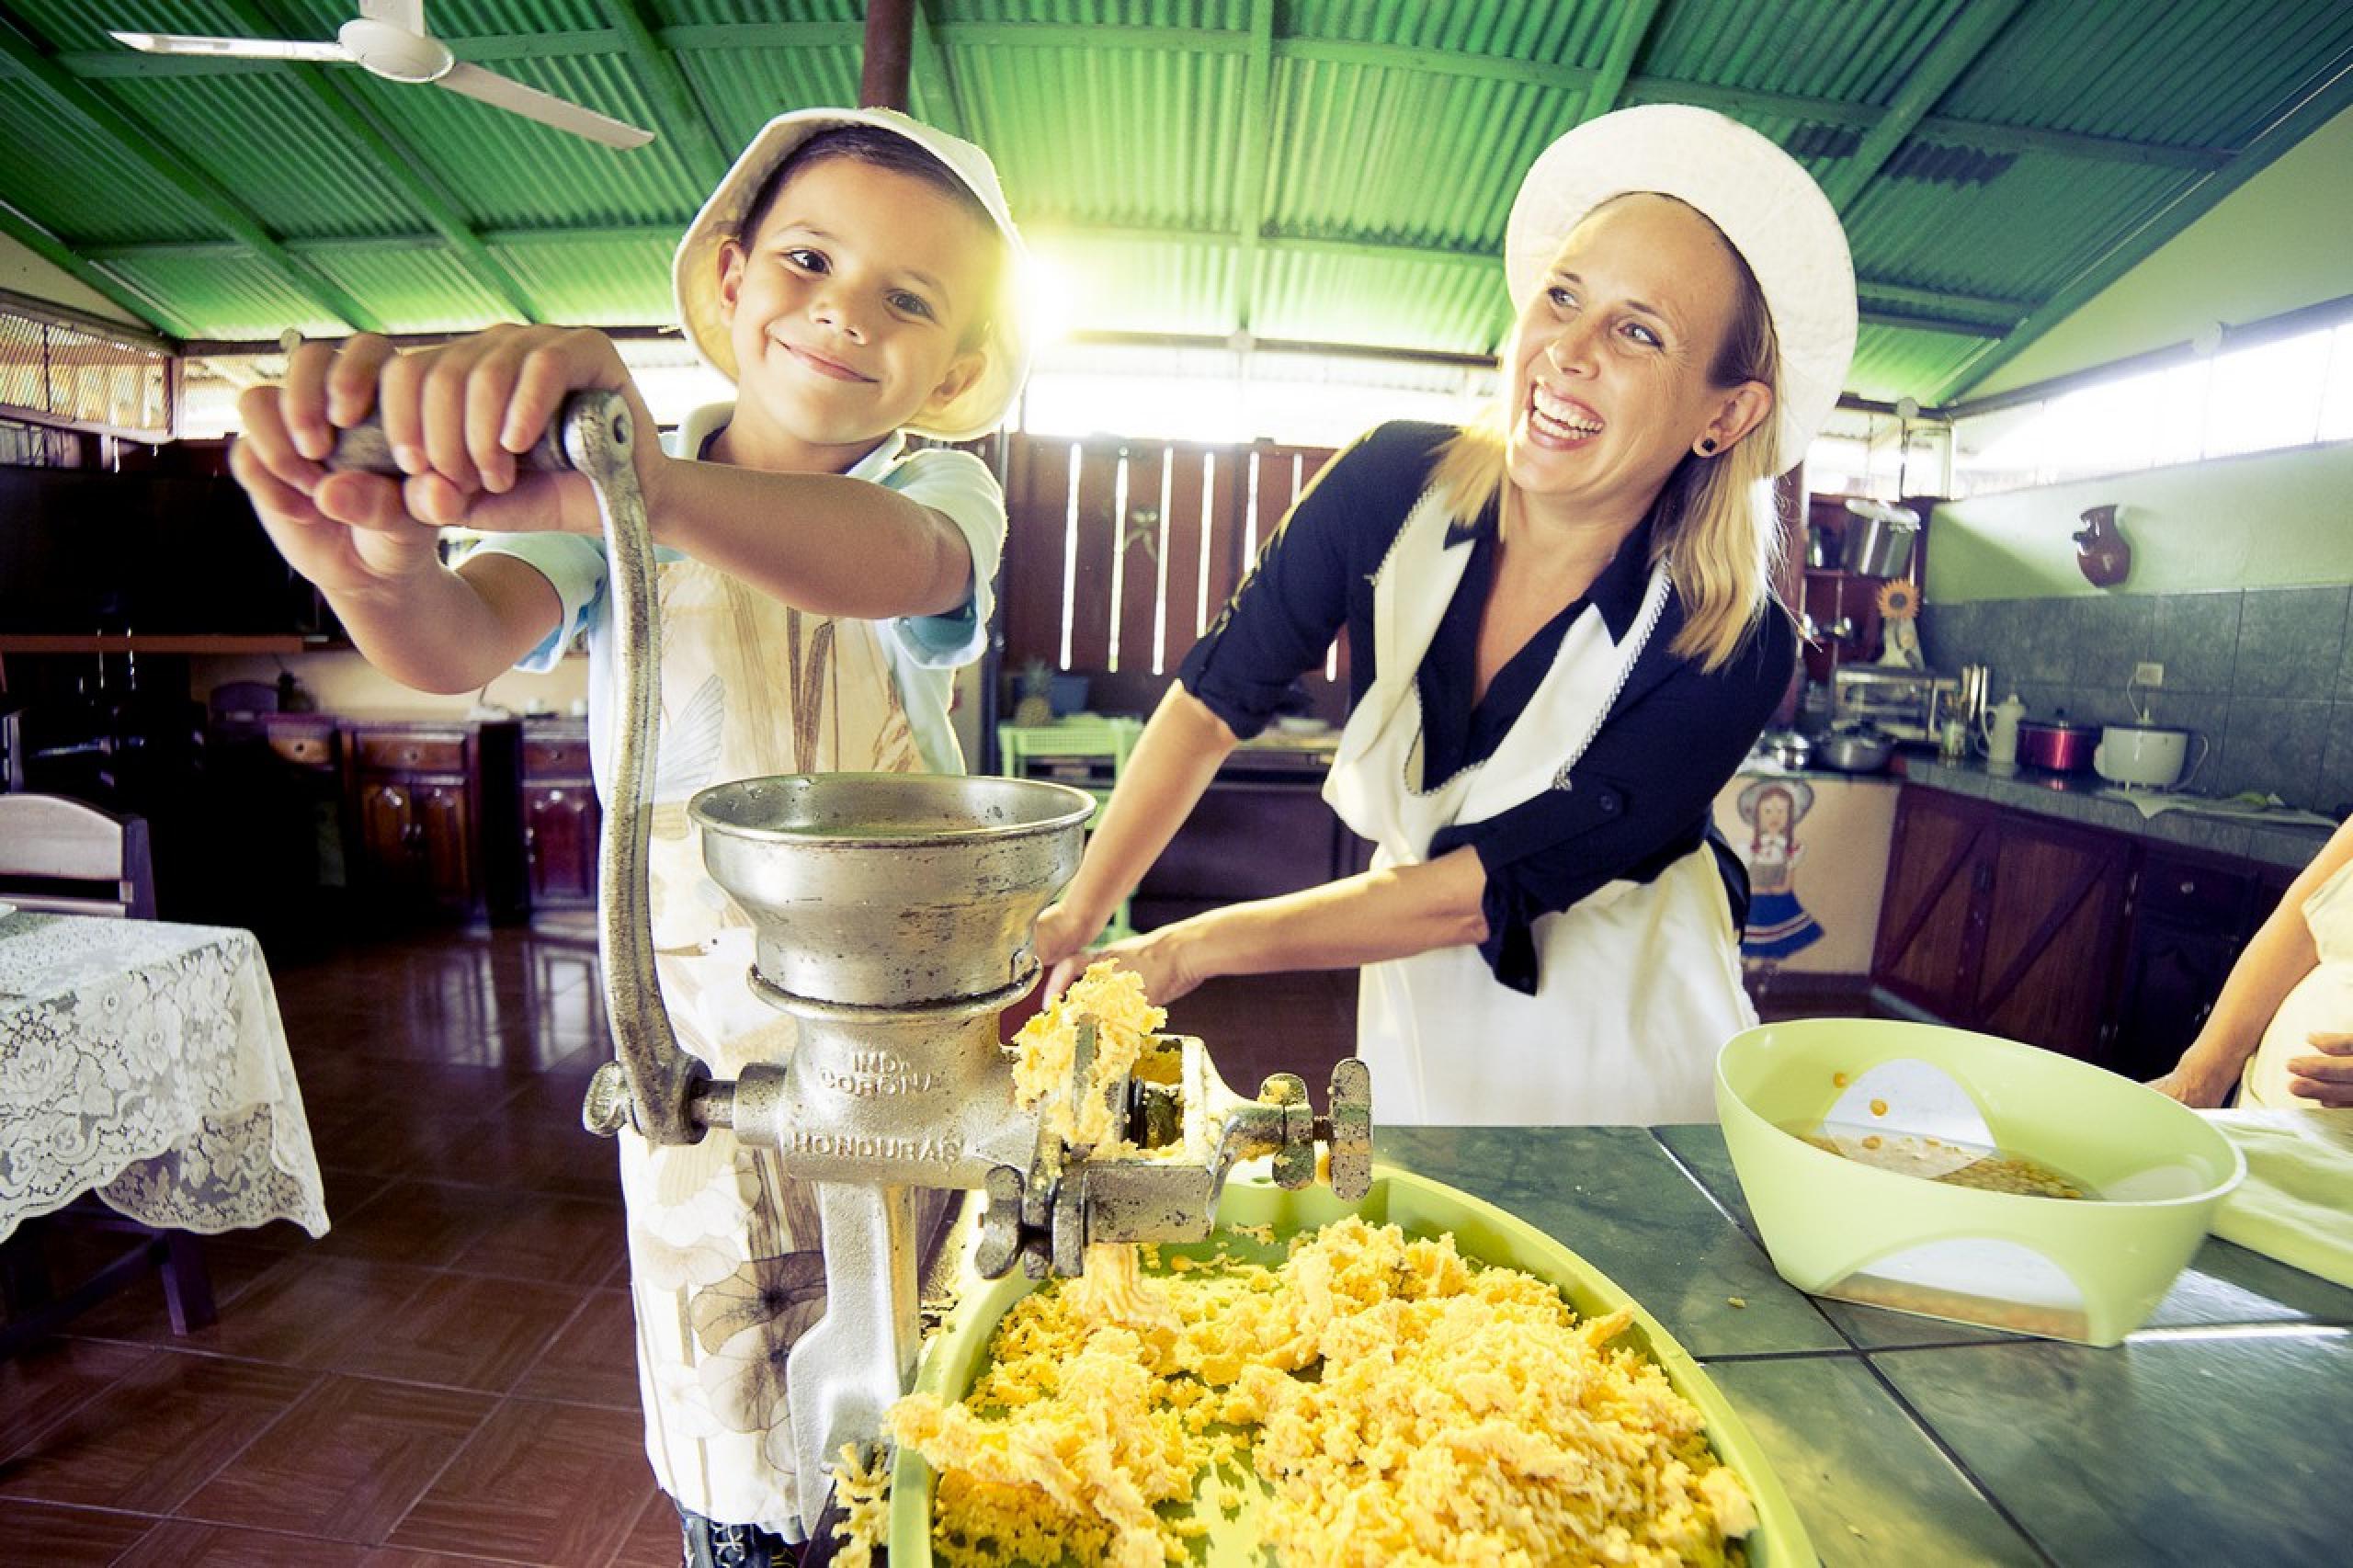 Tour de vida silvestre y preparación de tortillas